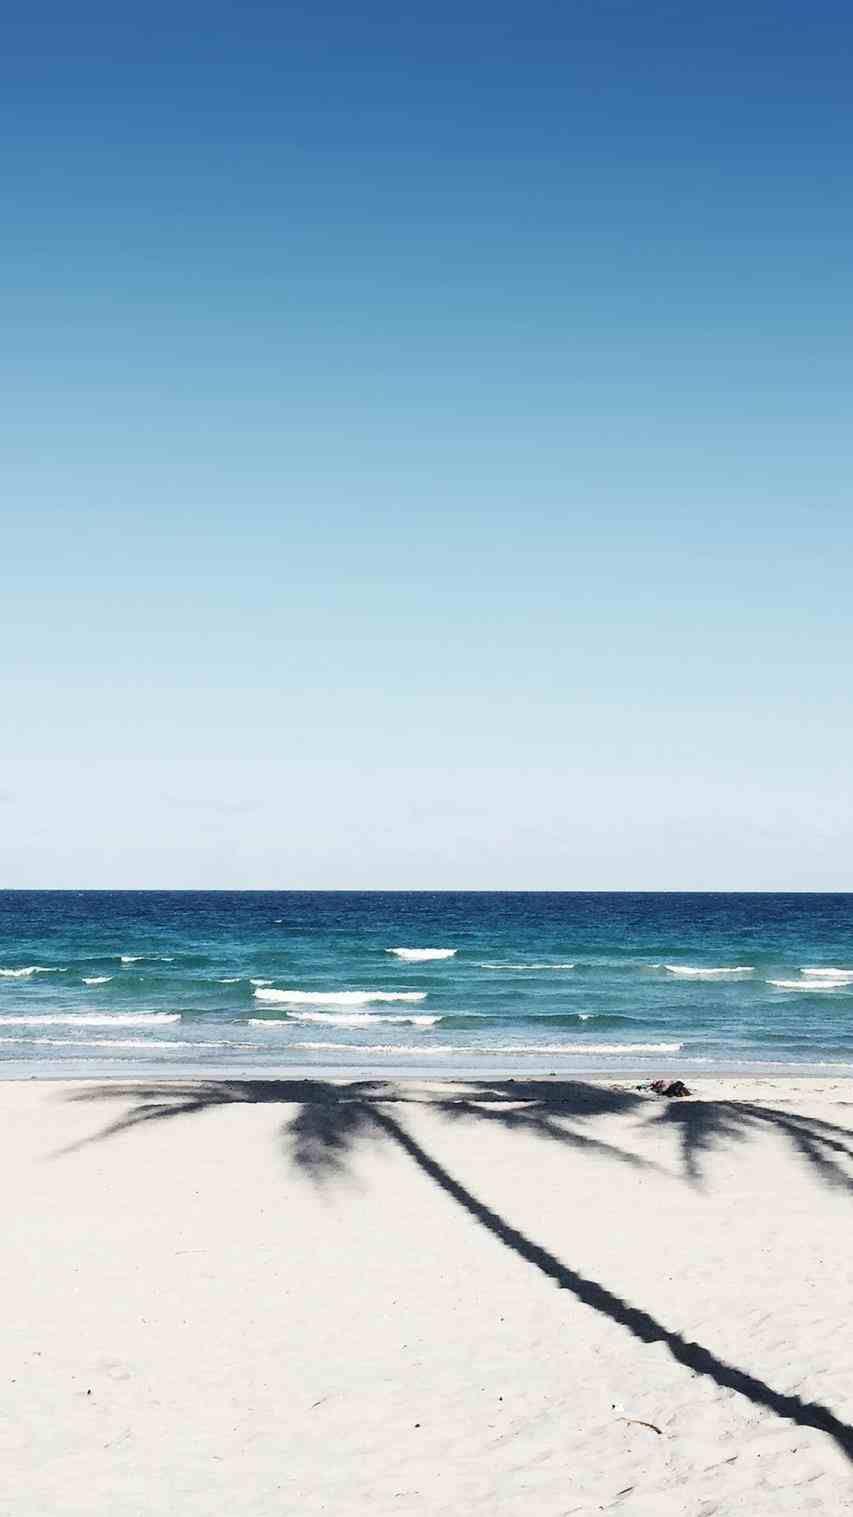 Pin By Nafz On Blue Beach Tumblr Beach Wallpaper Beach Wallpaper Iphone